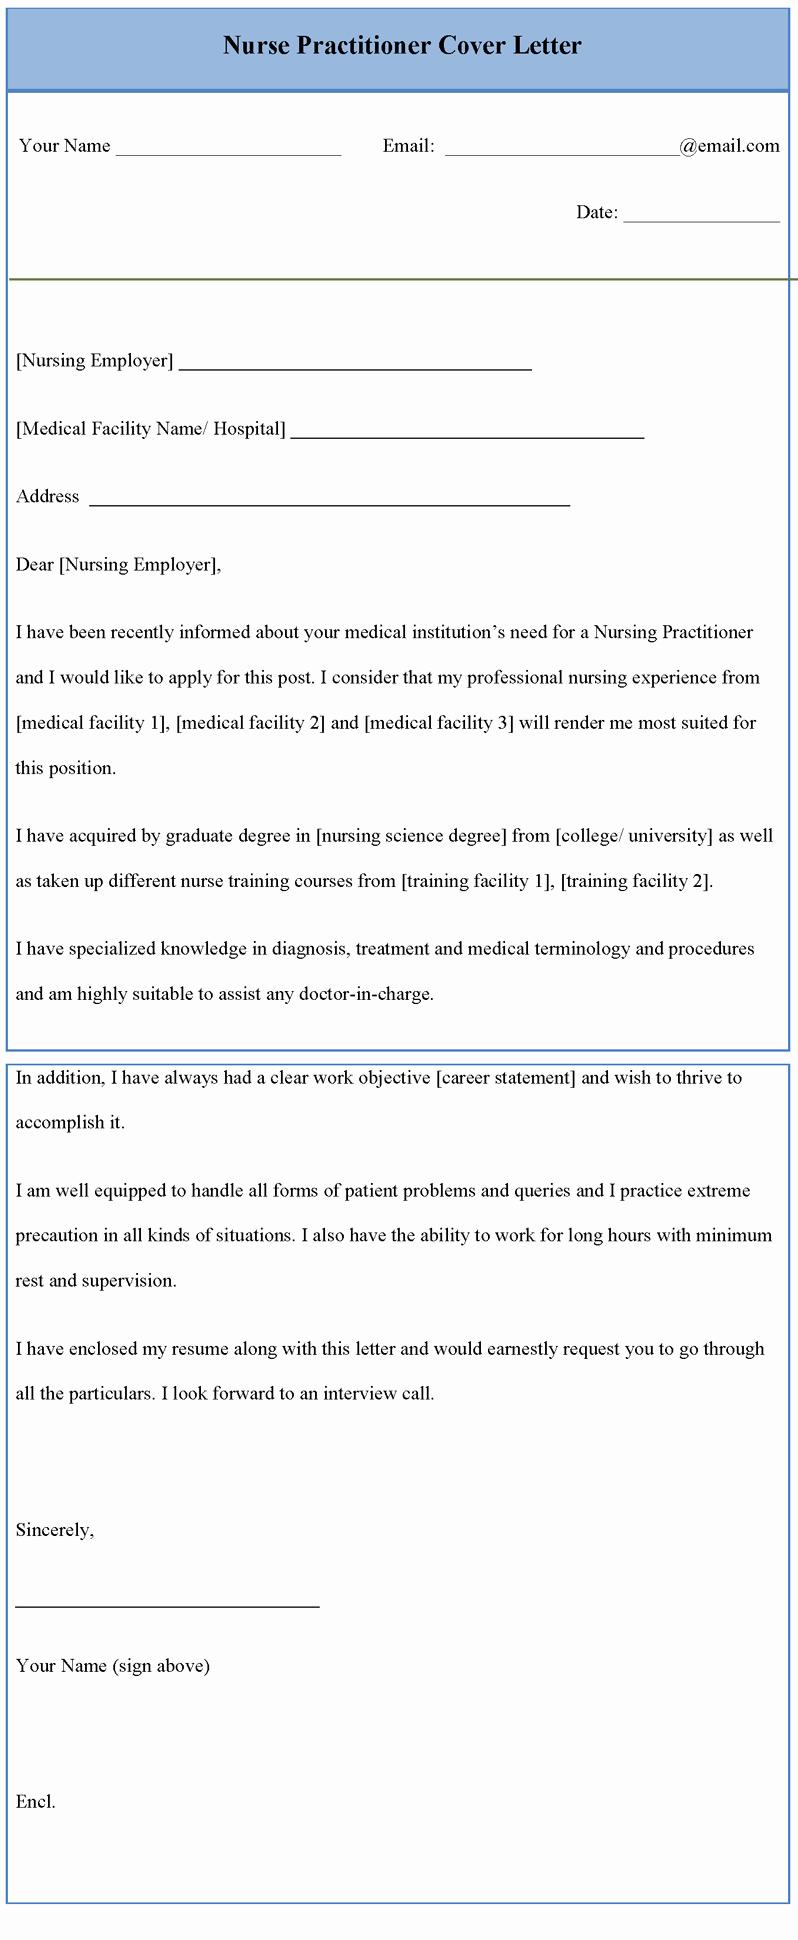 Nursing Cover Letter Template Lovely Cover Letter Example Cover Letter Template Nurse Practitioner